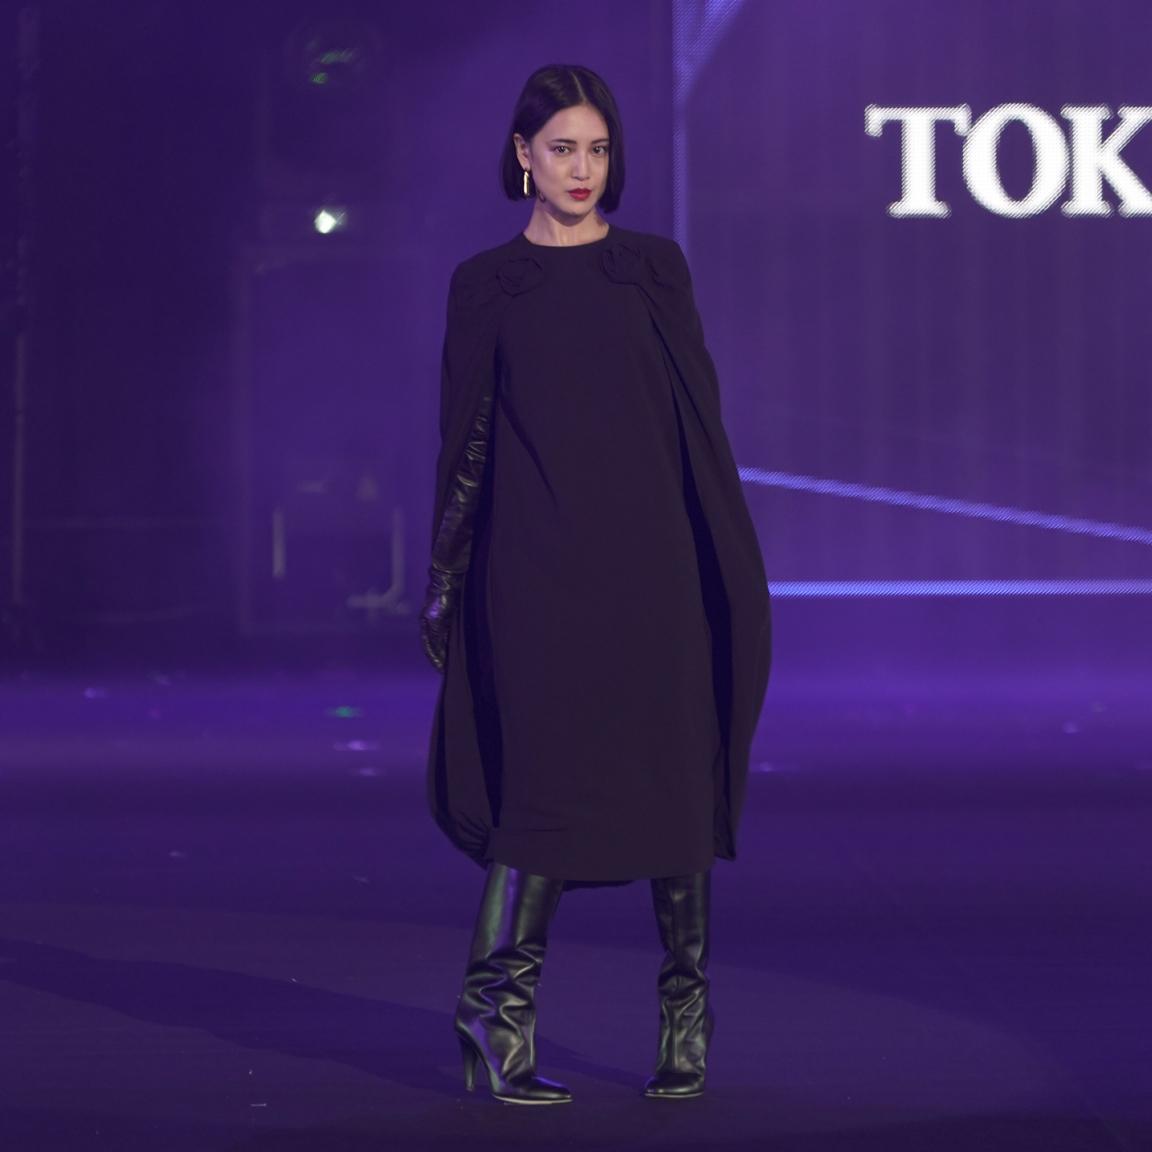 藤井夏恋・TGC 東京ガールズコレクション 2021 AUTUMN/WINTER